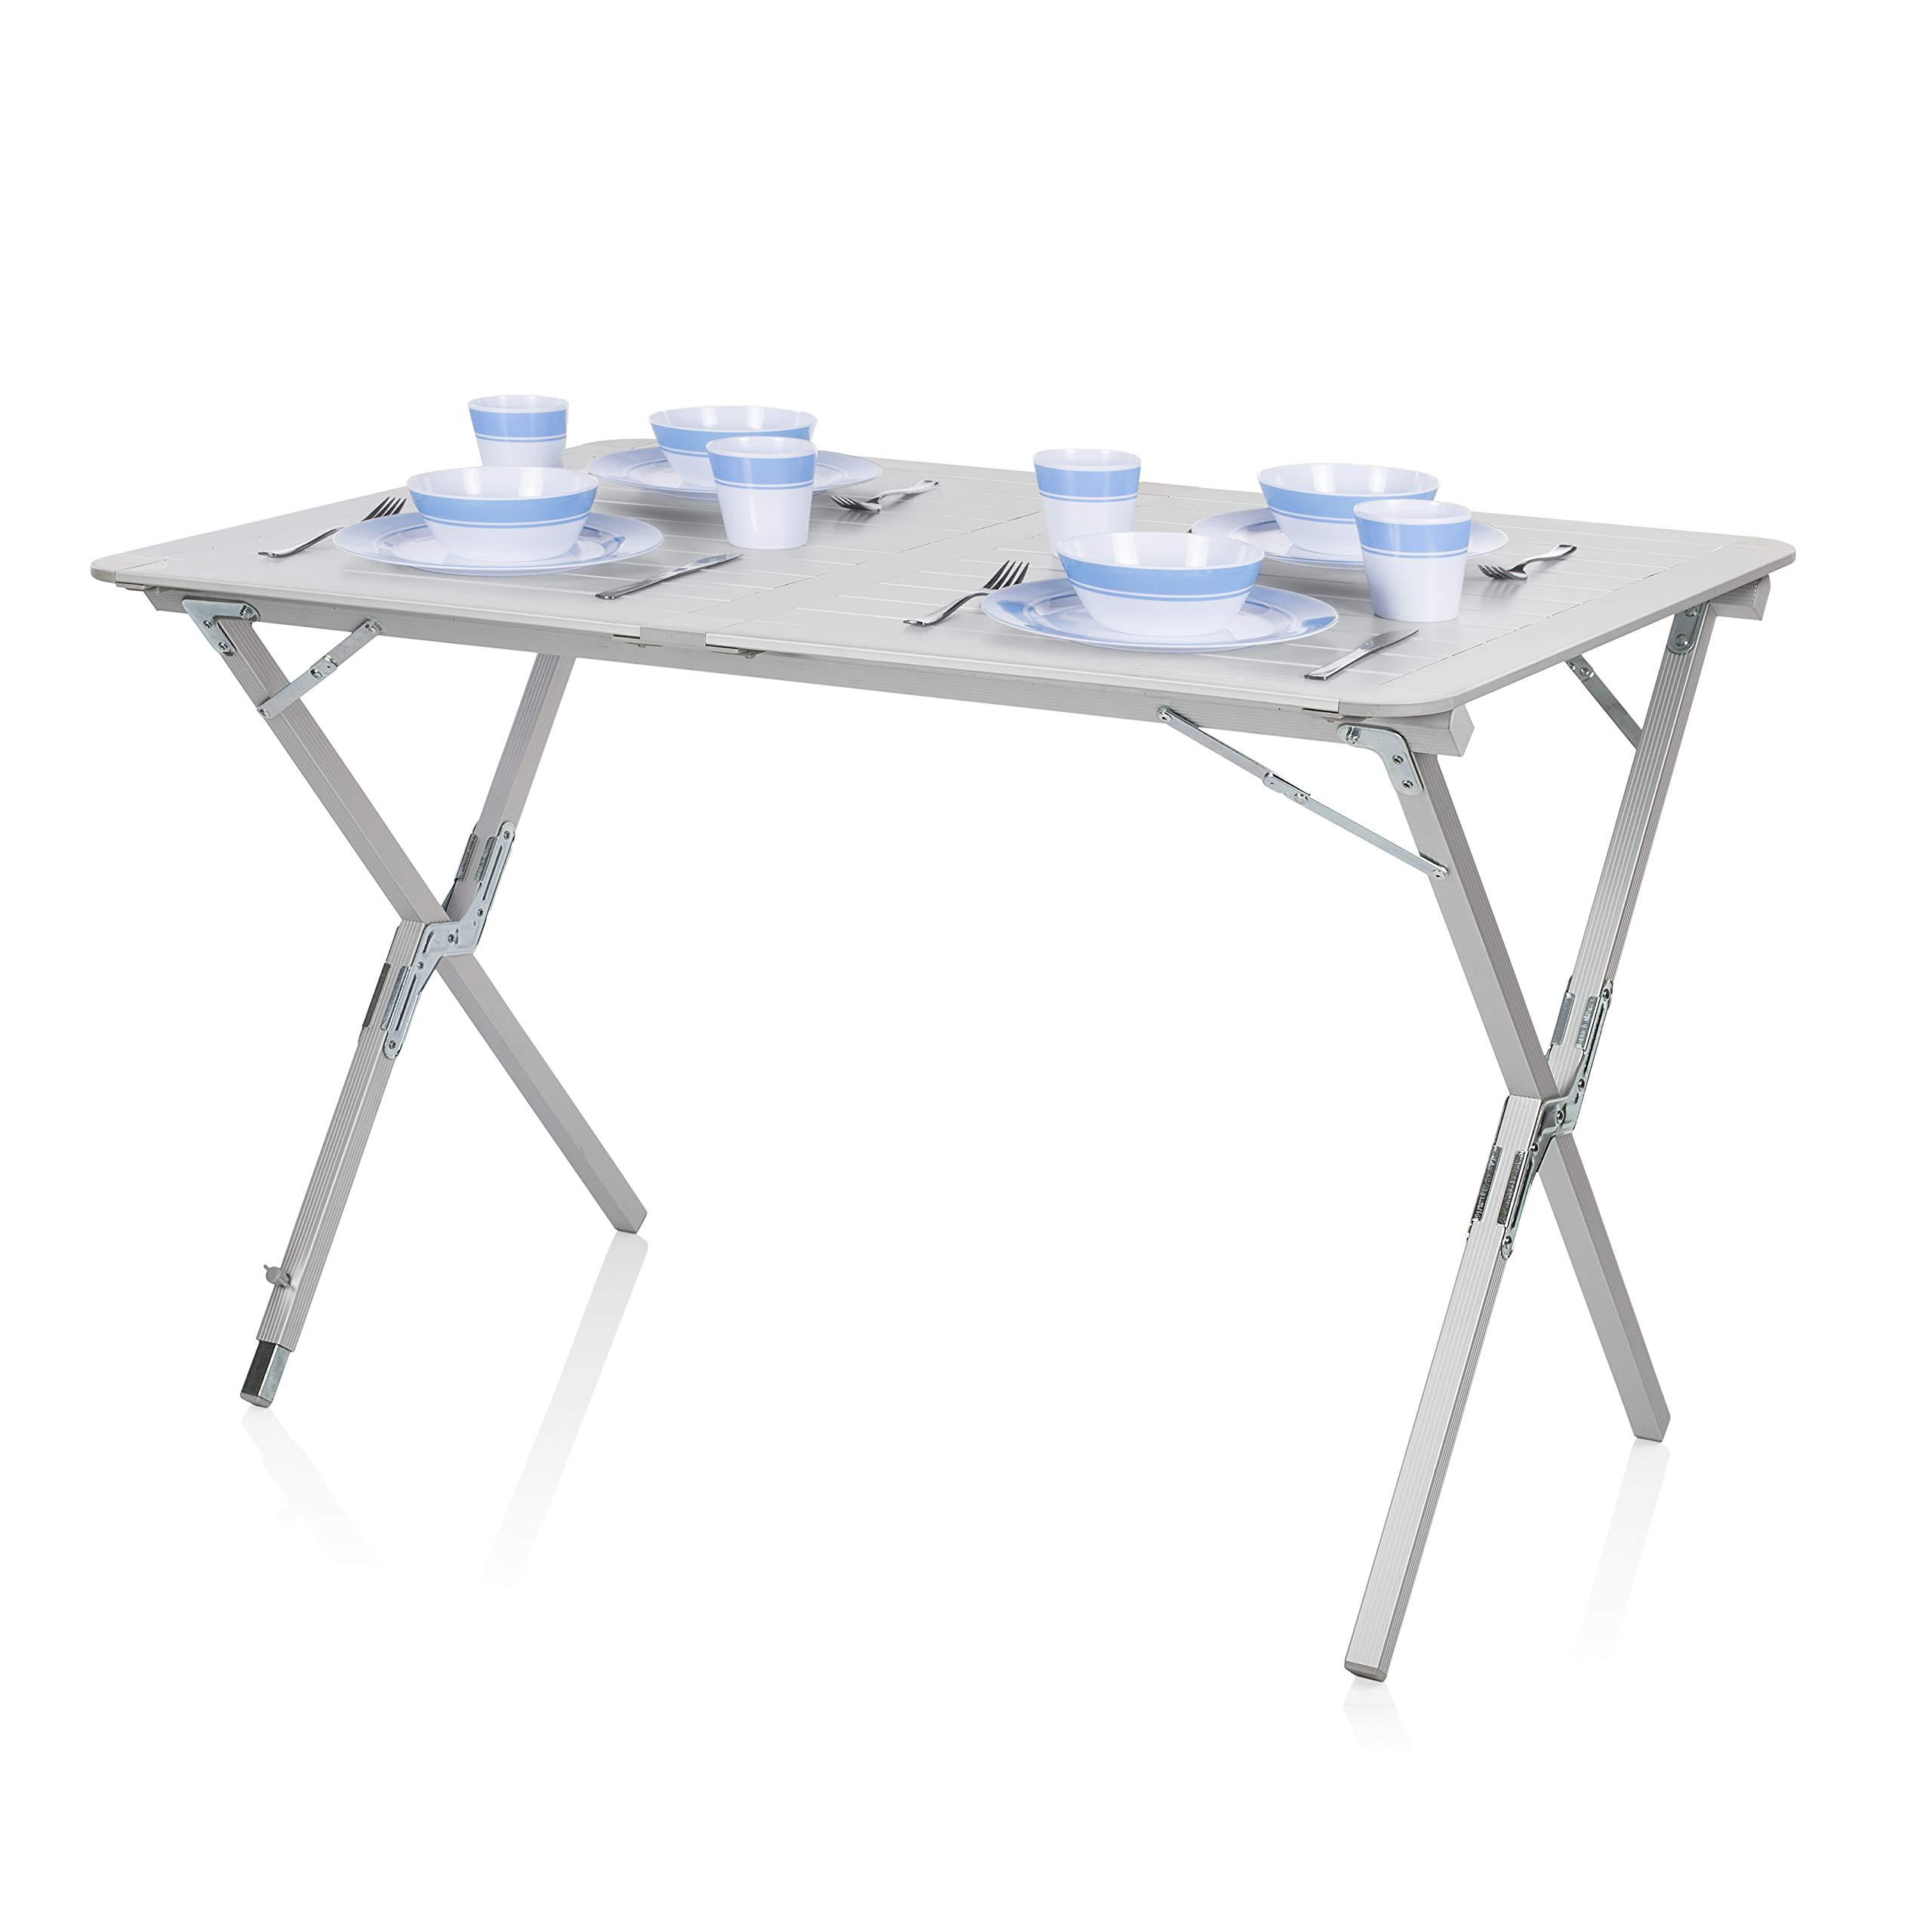 Tavolo Campeggio Alluminio Avvolgibile.Tavolo Da Campeggio Campart Travel Ta 0802 110 X 70 Cm Alzata Avvolgibile Grigio Van Life It